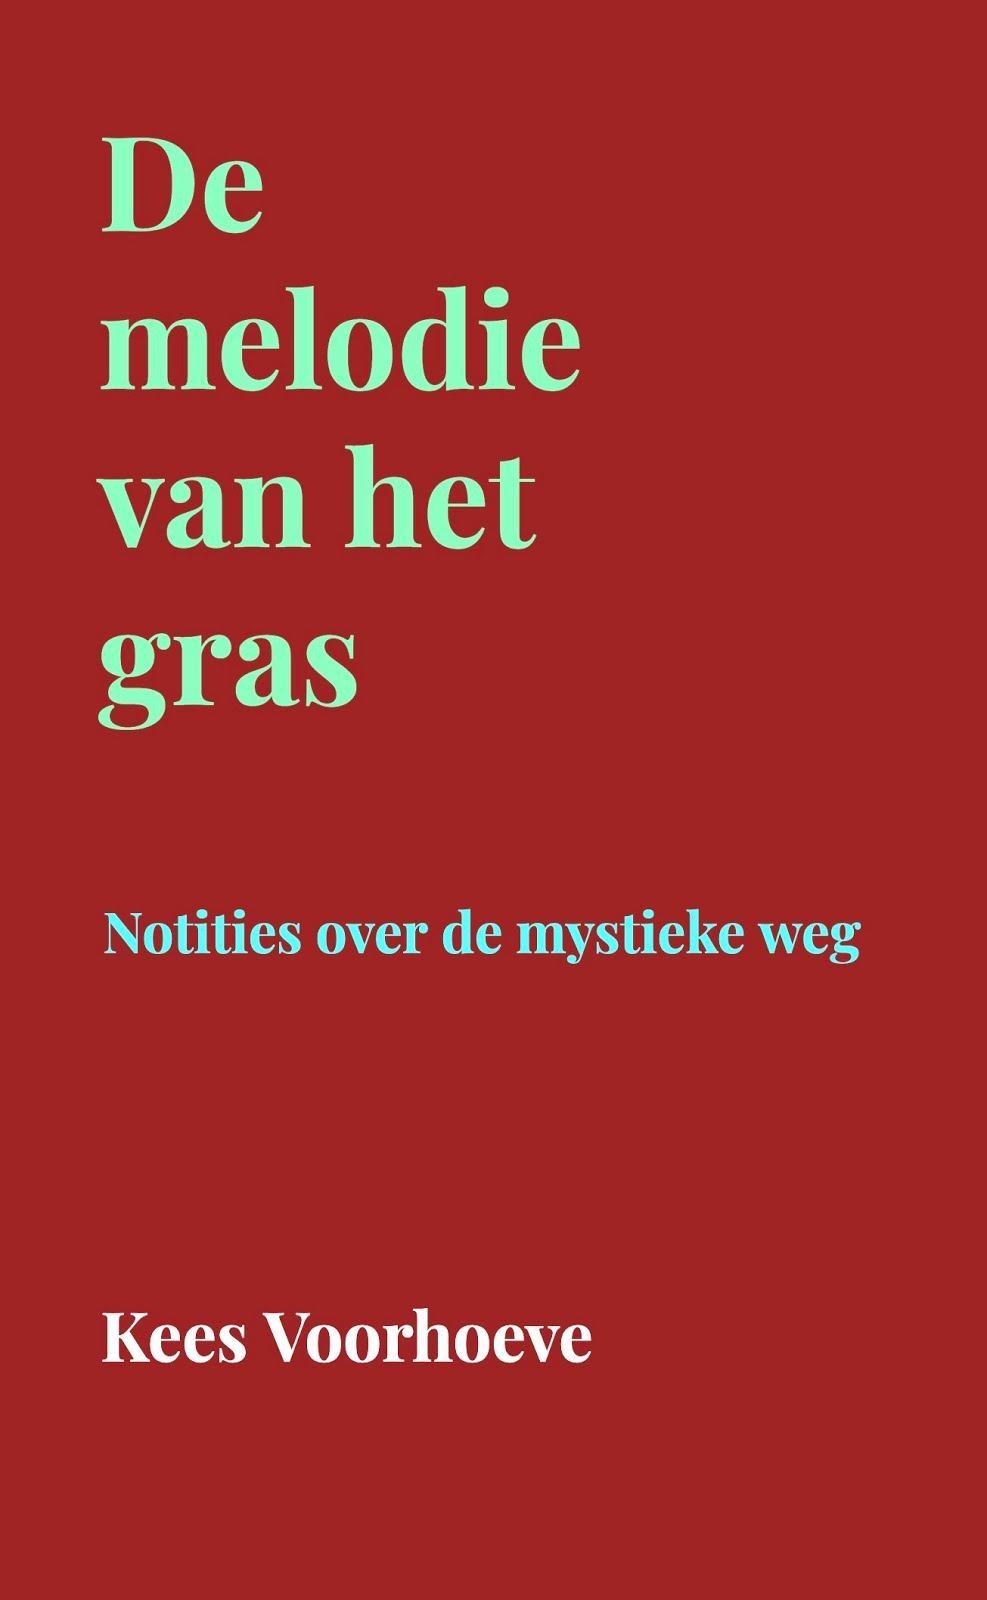 De melodie van het gras